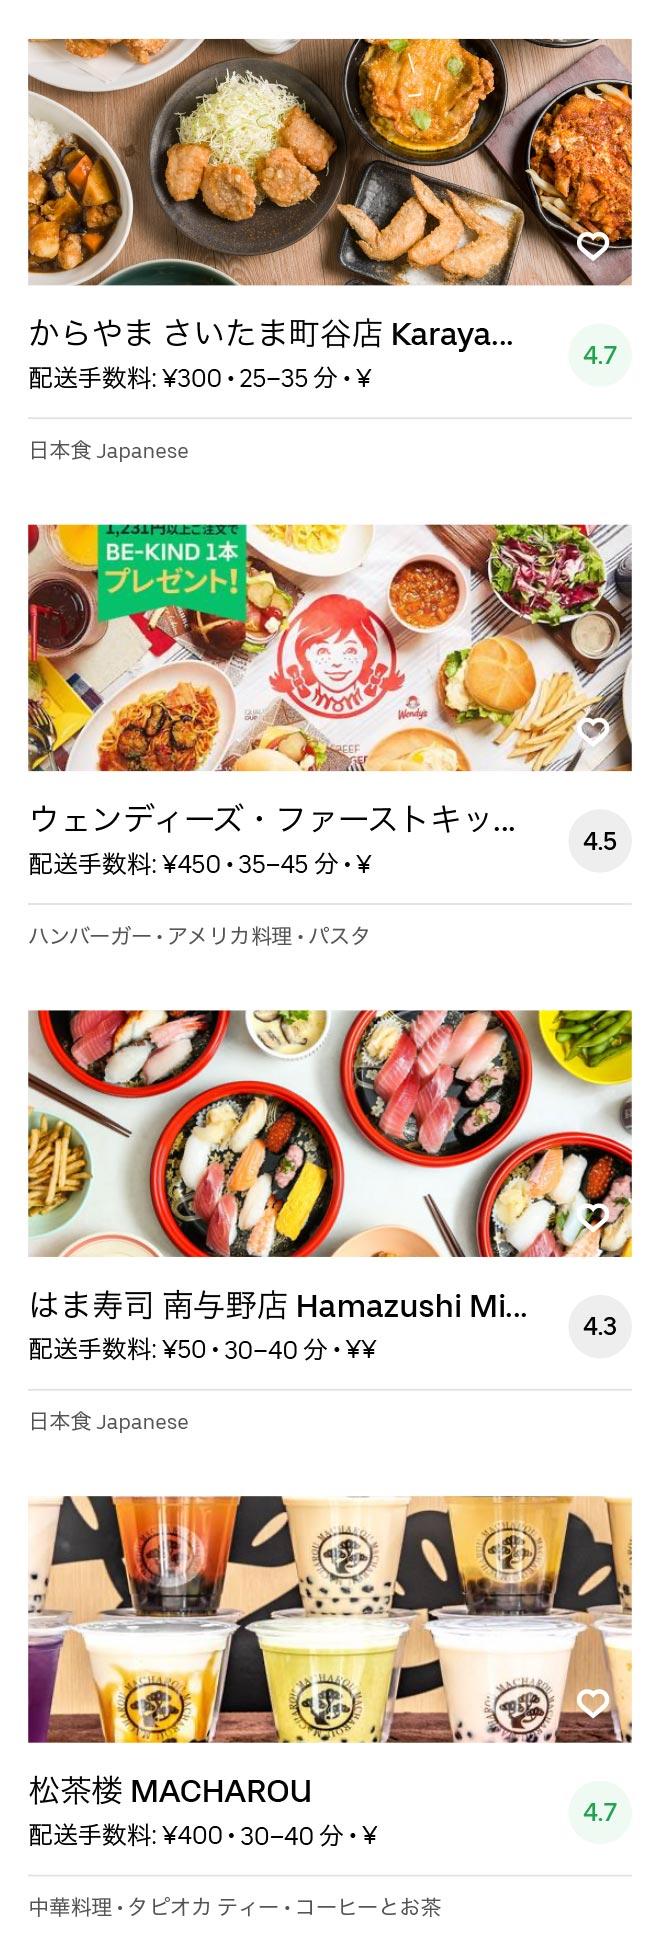 Saitama minami yono menu 2006 08